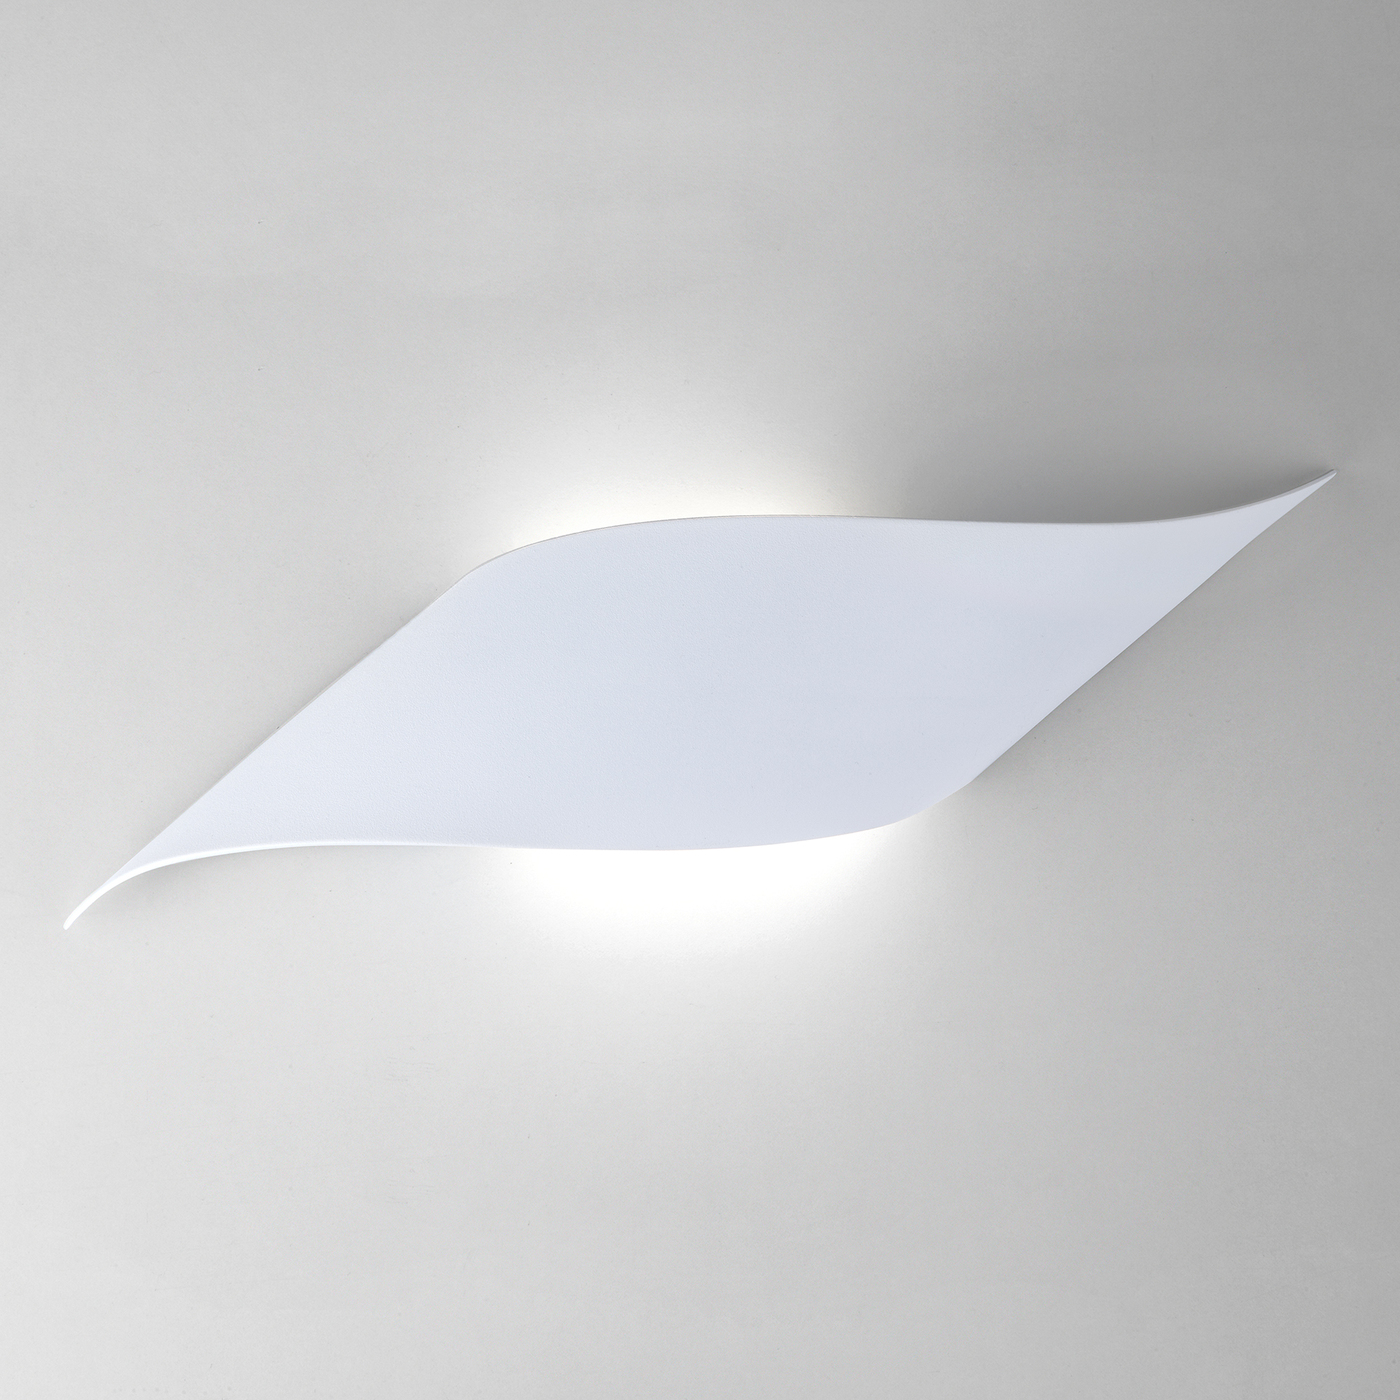 Настенный светильник Elektrostandard светодиодный 40130/1 LED, 6 Вт светильник светодиодный led lamplandia clear 1х24вт акрил белый